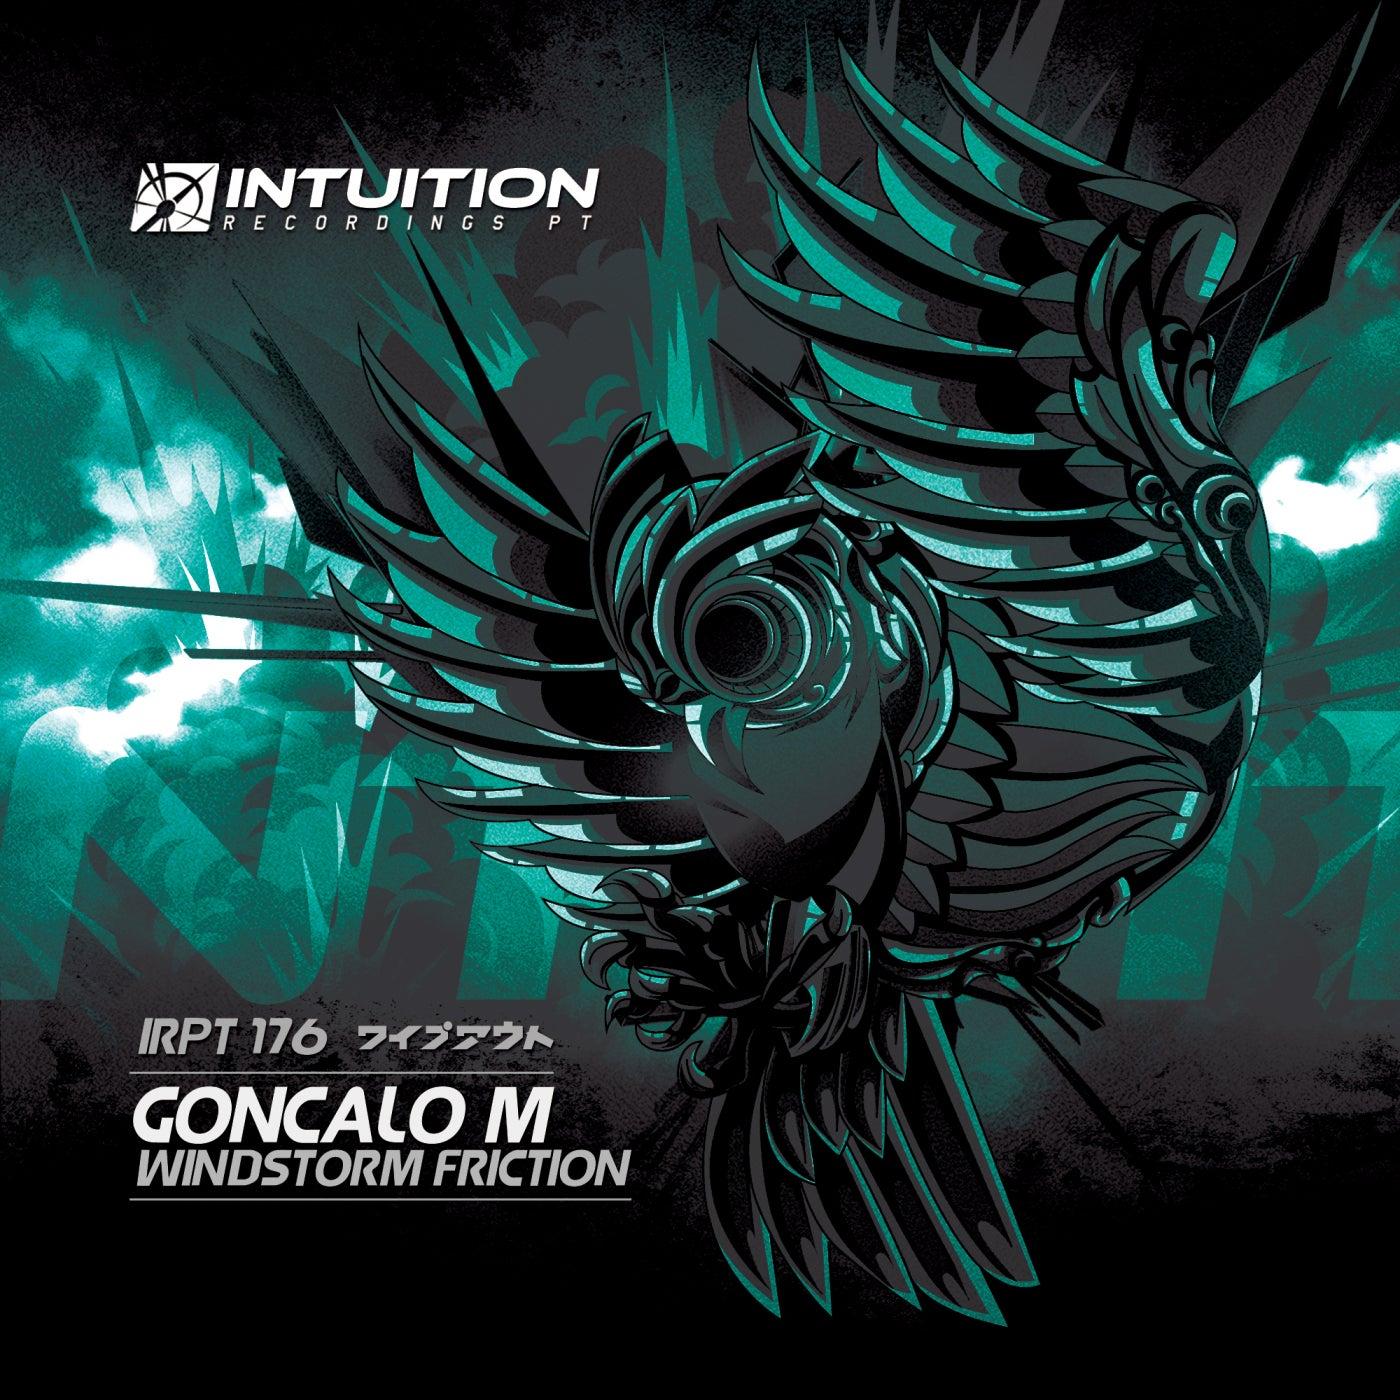 Operation Windstorm (Original Mix)